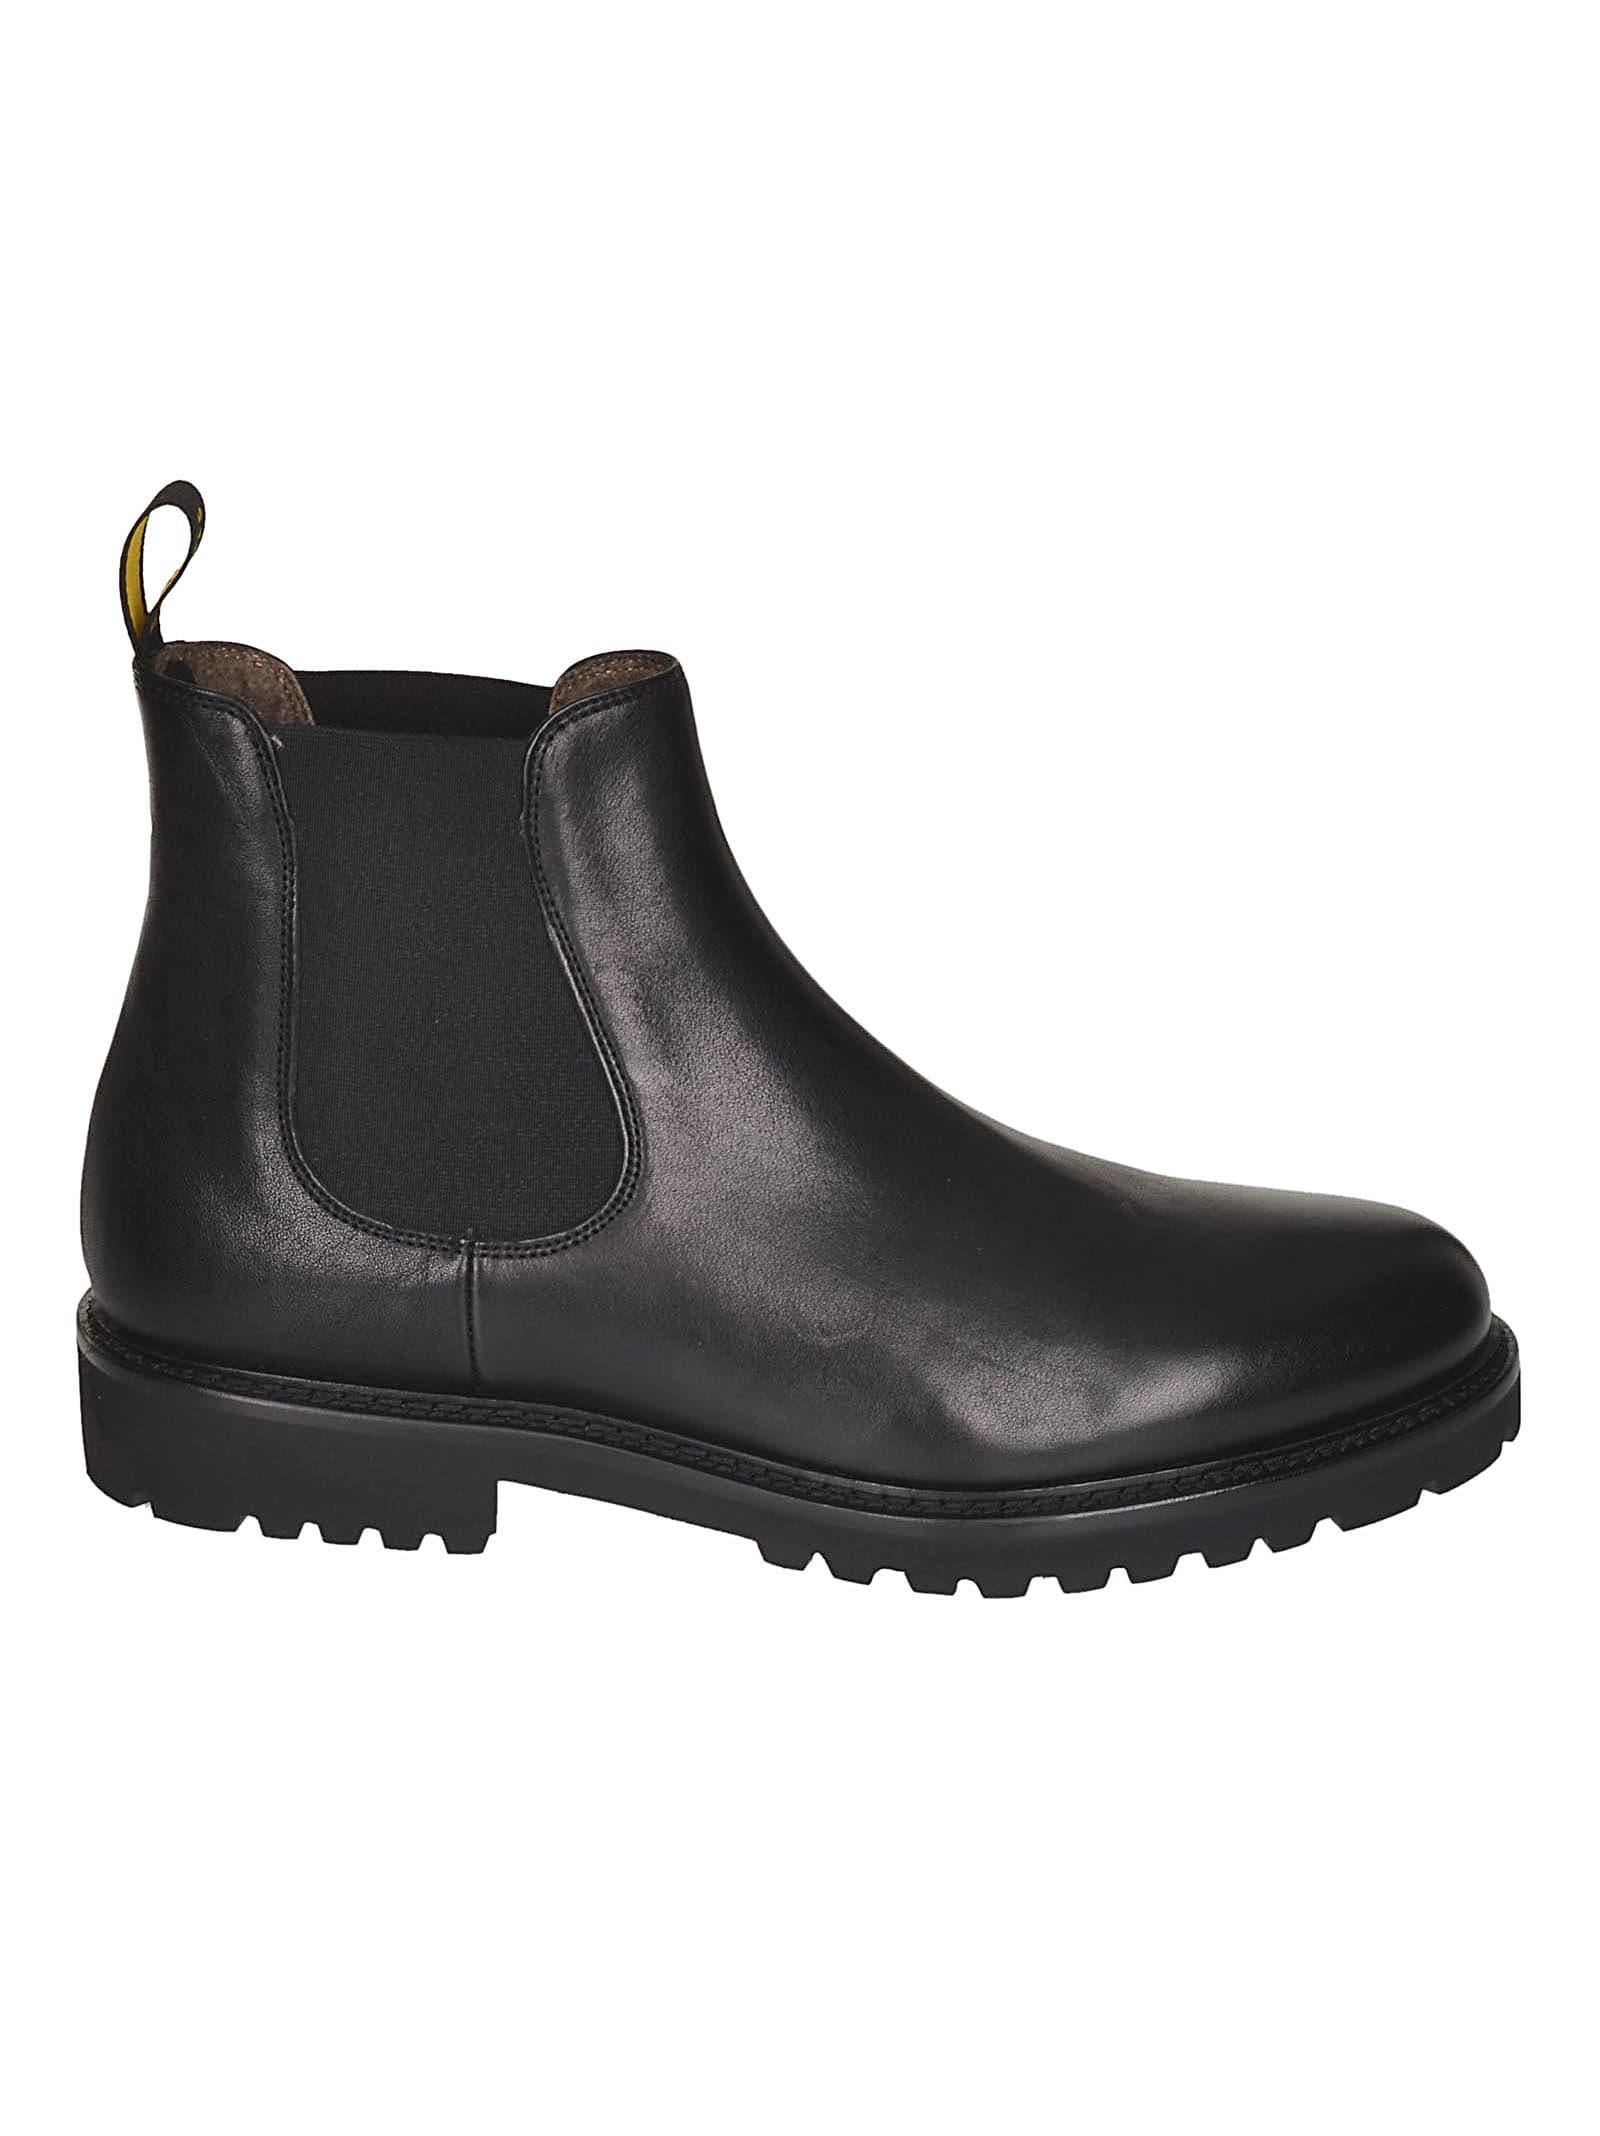 Doucals Balm Boots